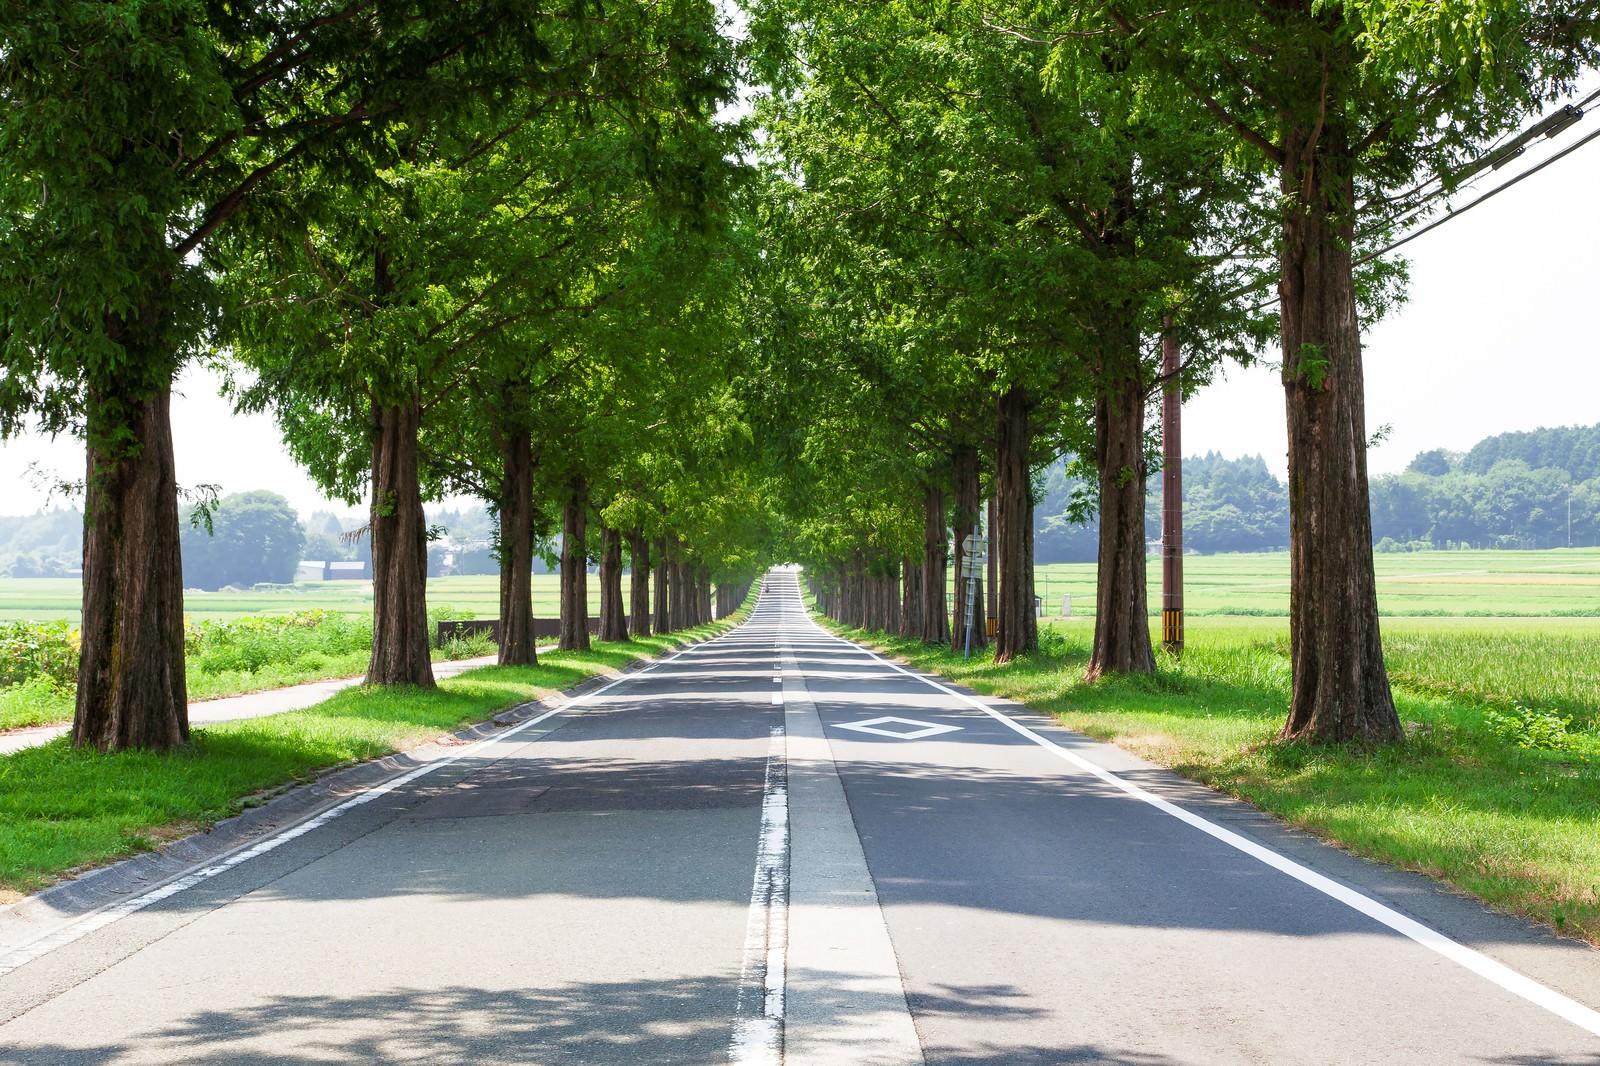 「メタセコイアの並木道」の写真